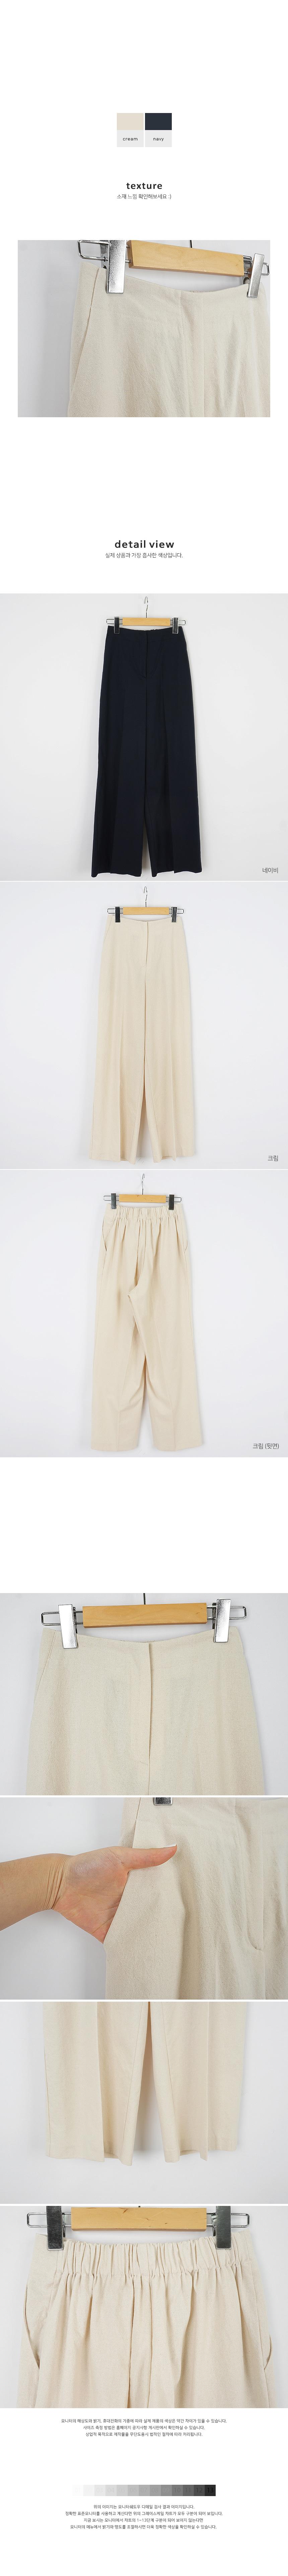 BLESS LINEN PANTS